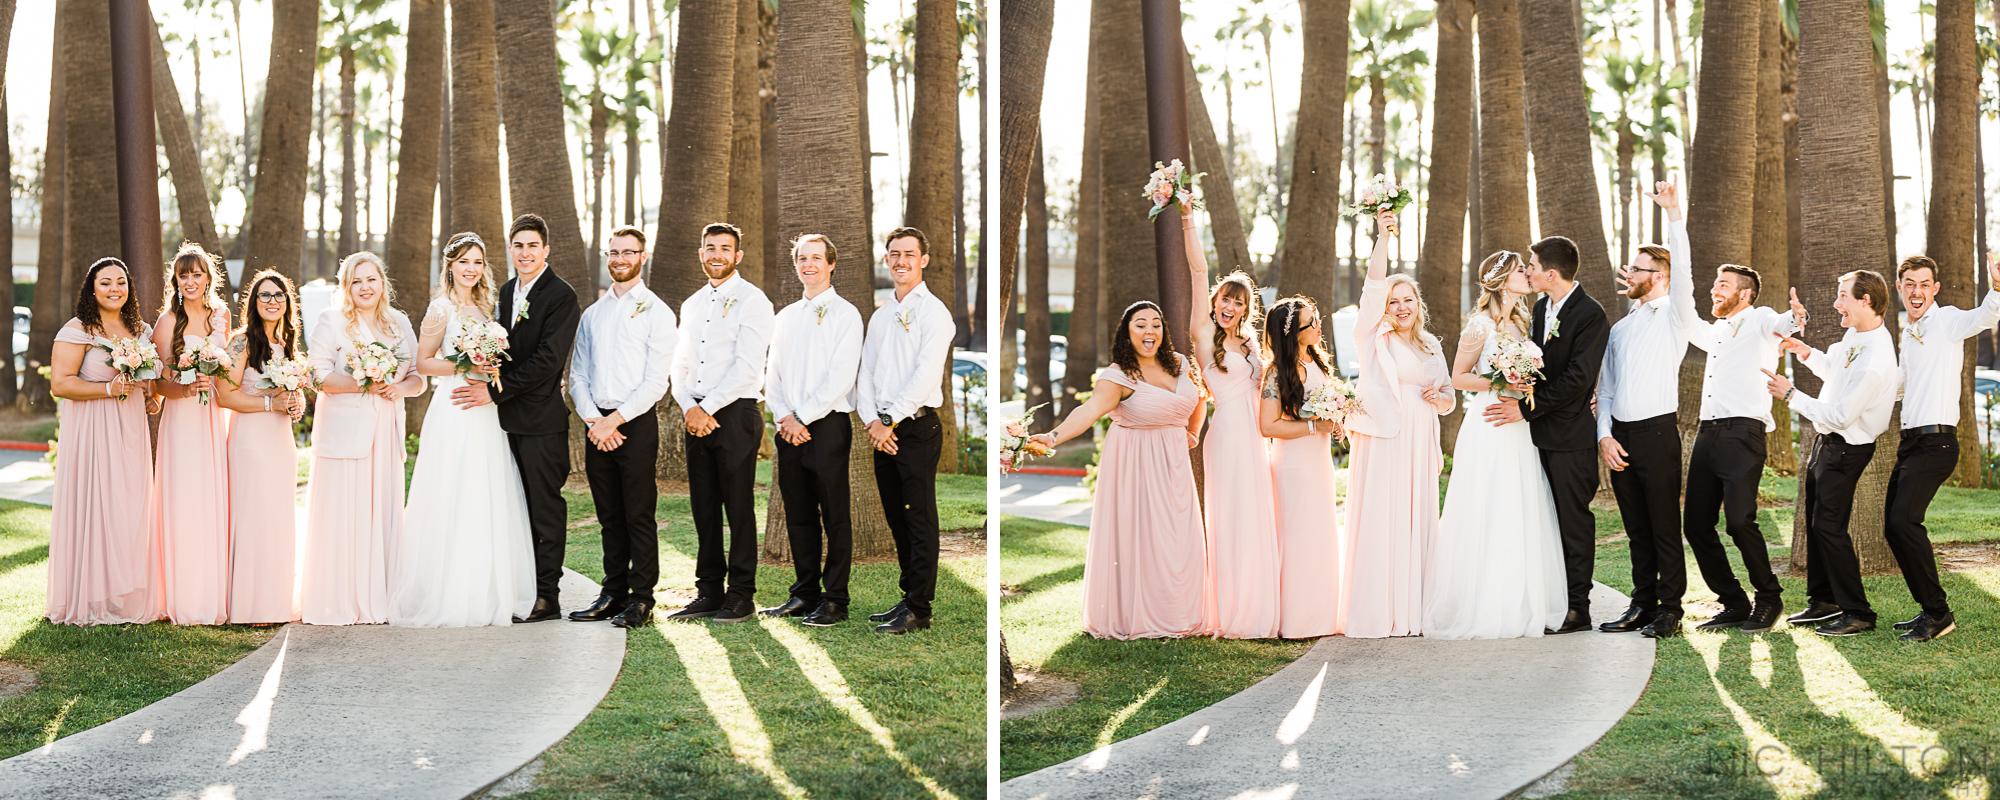 Long-Beach-Wedding-Party-Hotel-Maya.jpg